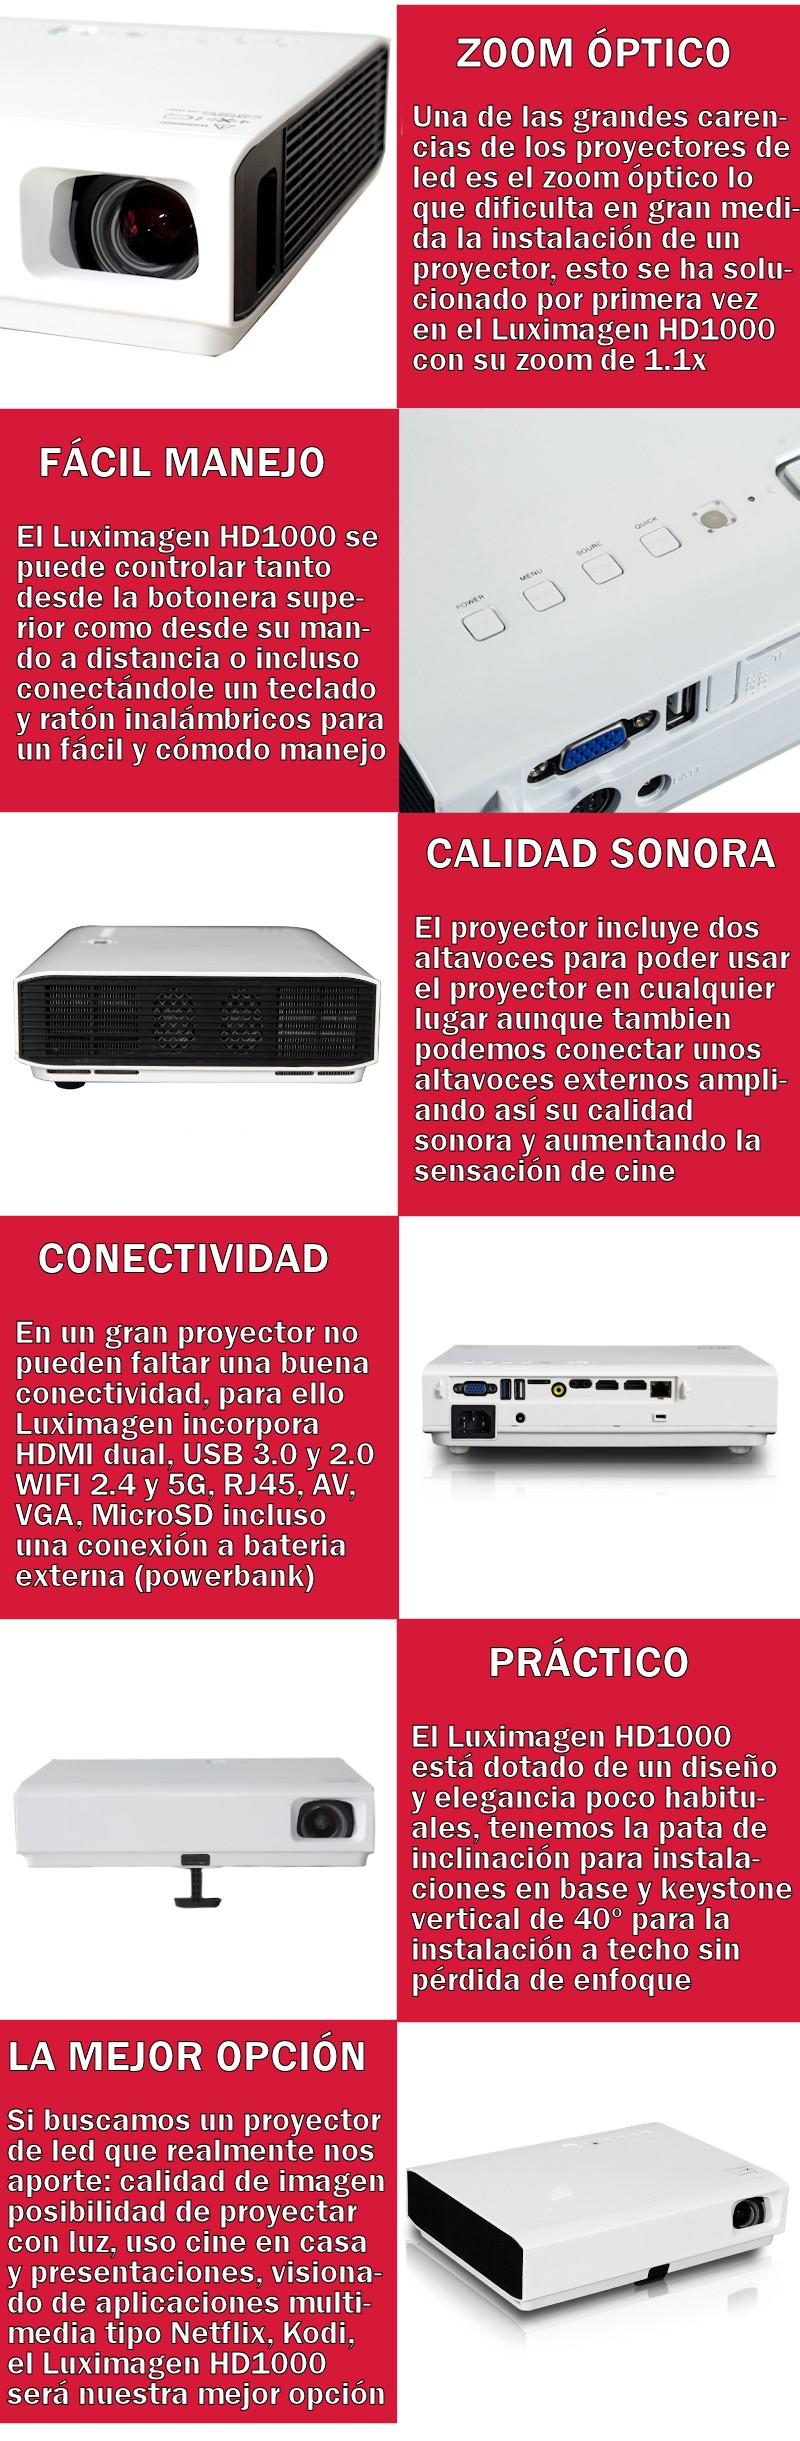 El proyector Luximagen HD1000 es compatible con Netflix